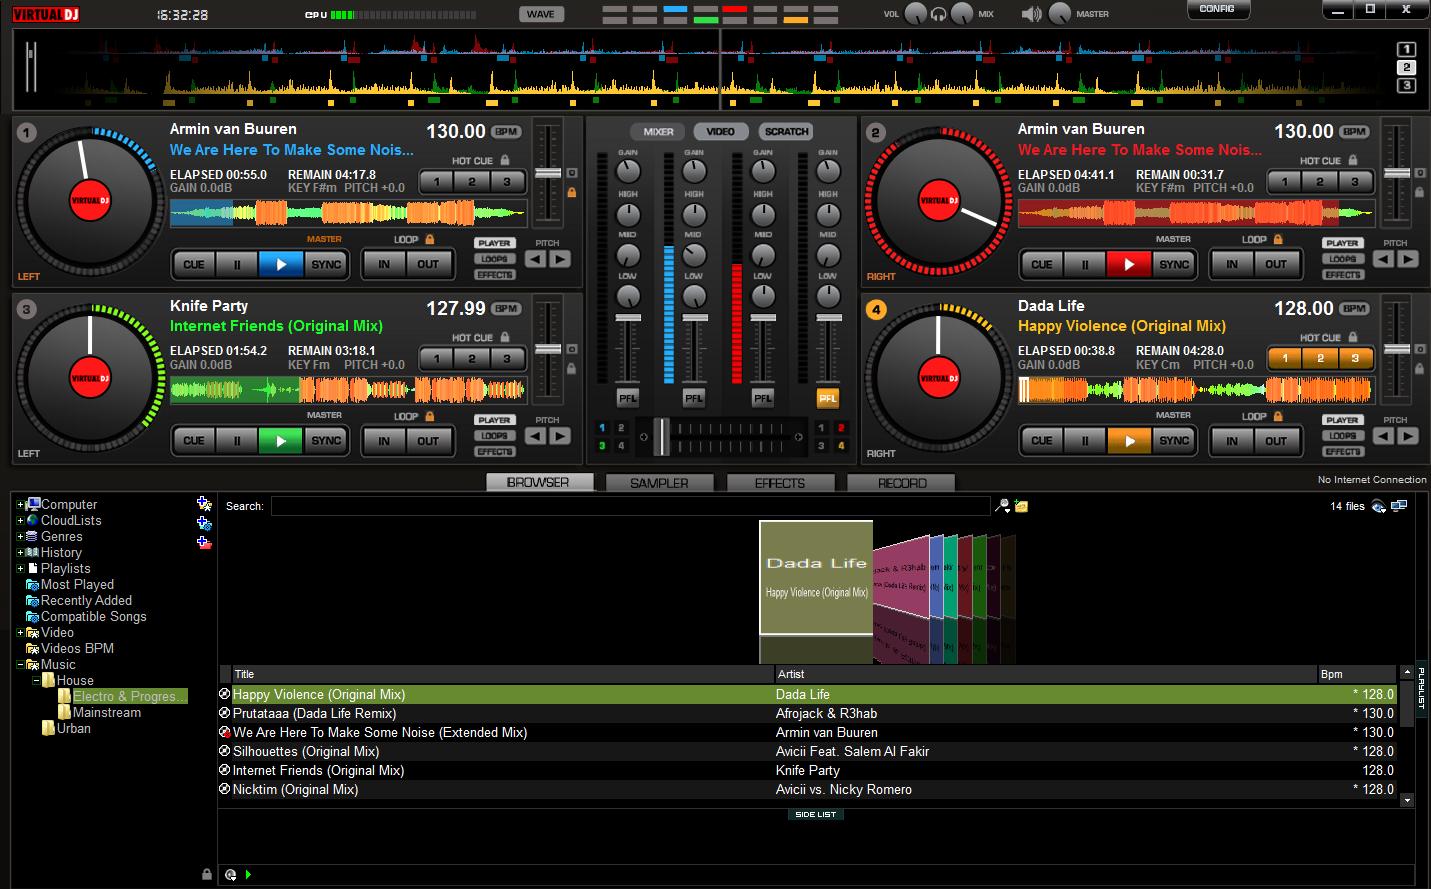 virtual dj pro 8 free download full version